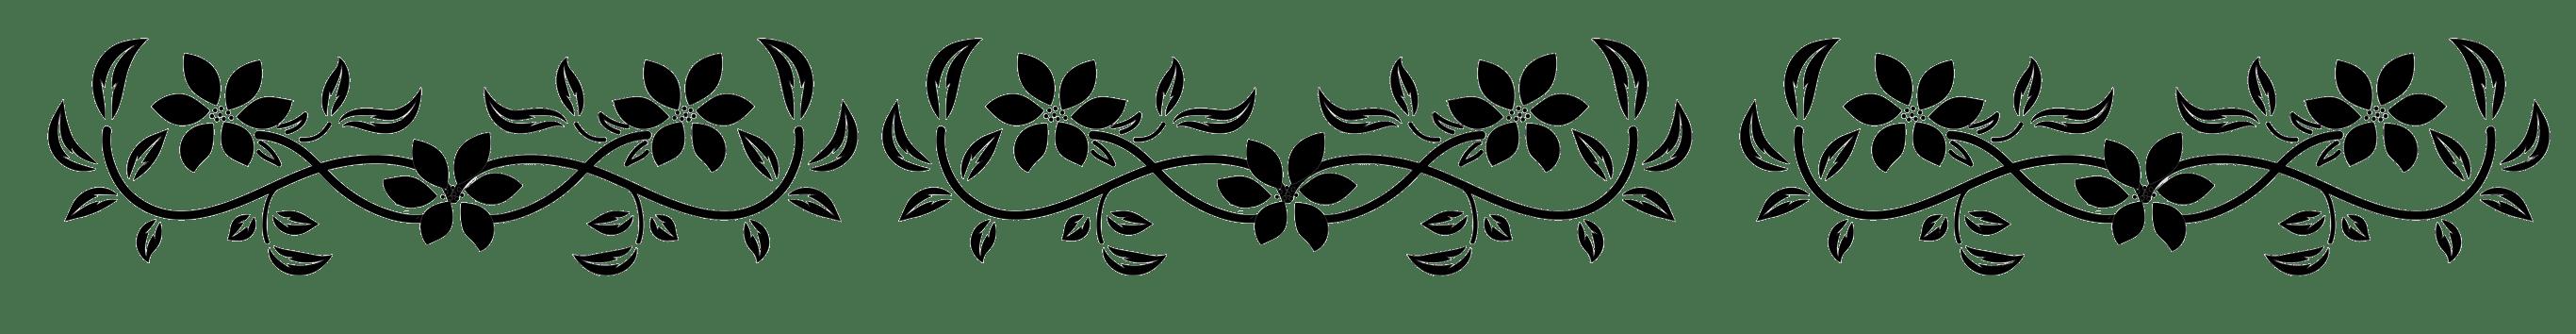 Garden Ornament Ideas